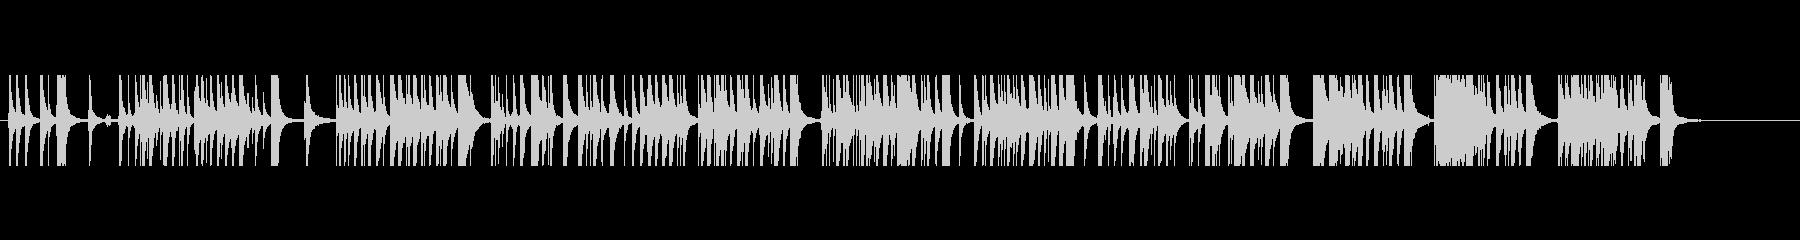 三味線33娘道成寺12日本式レビューショの未再生の波形